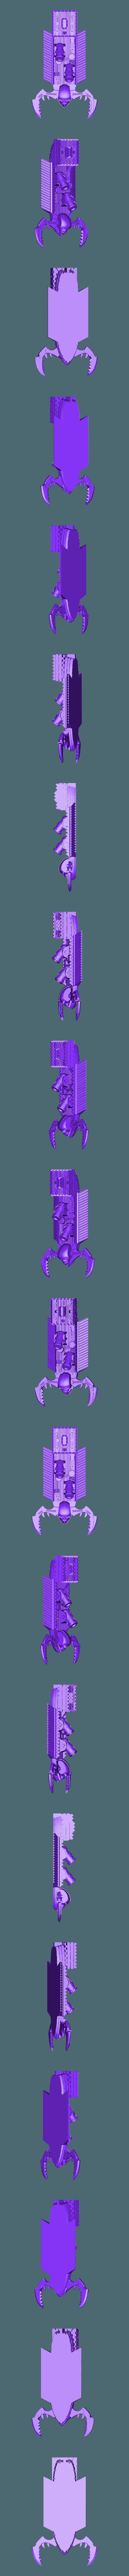 LordGonamCommandShipSingleMesh.stl Télécharger fichier STL gratuit GONAM Lord GONAM Command Command Ship proxy • Plan pour imprimante 3D, barnEbiss2